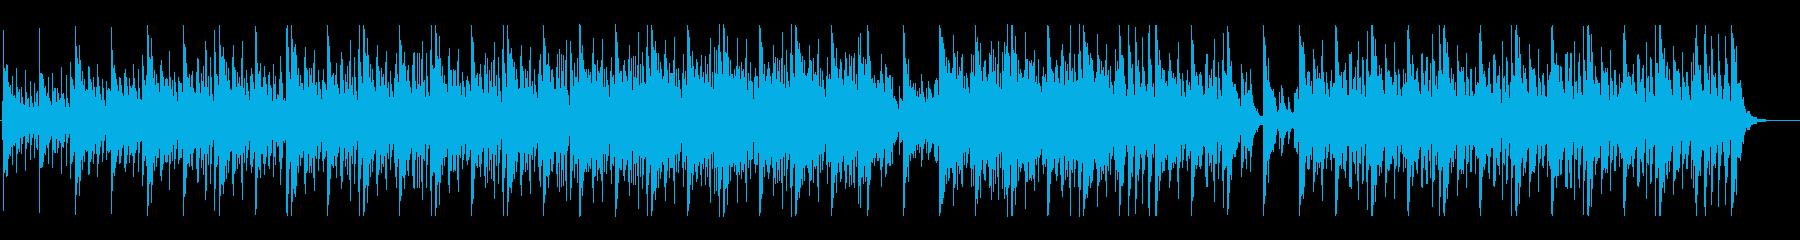 和太鼓と三味線の勇ましい楽曲ですの再生済みの波形